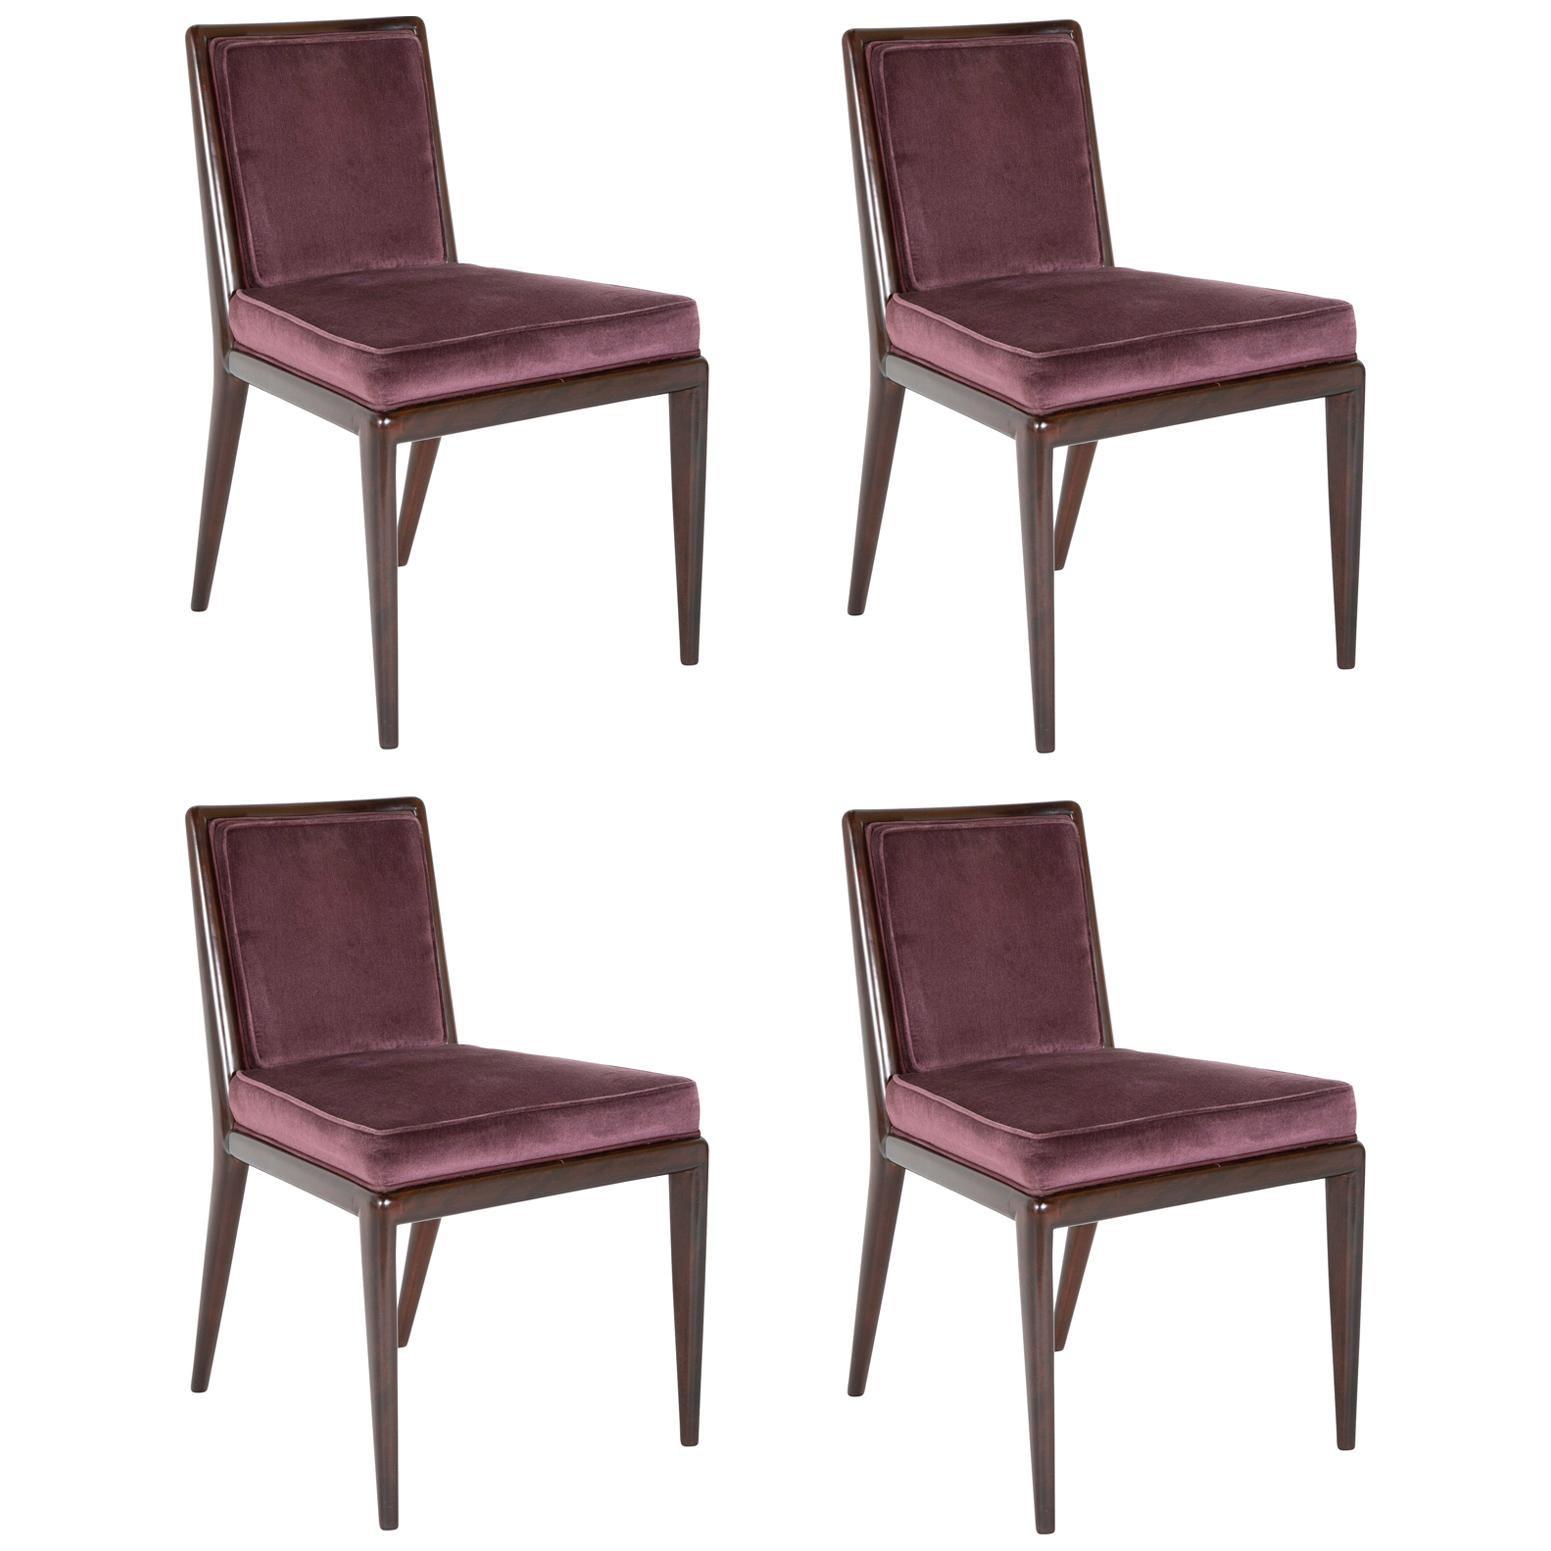 Set of 4 Robsjohn-Gibbings Walnut Toned Mahogany Chairs